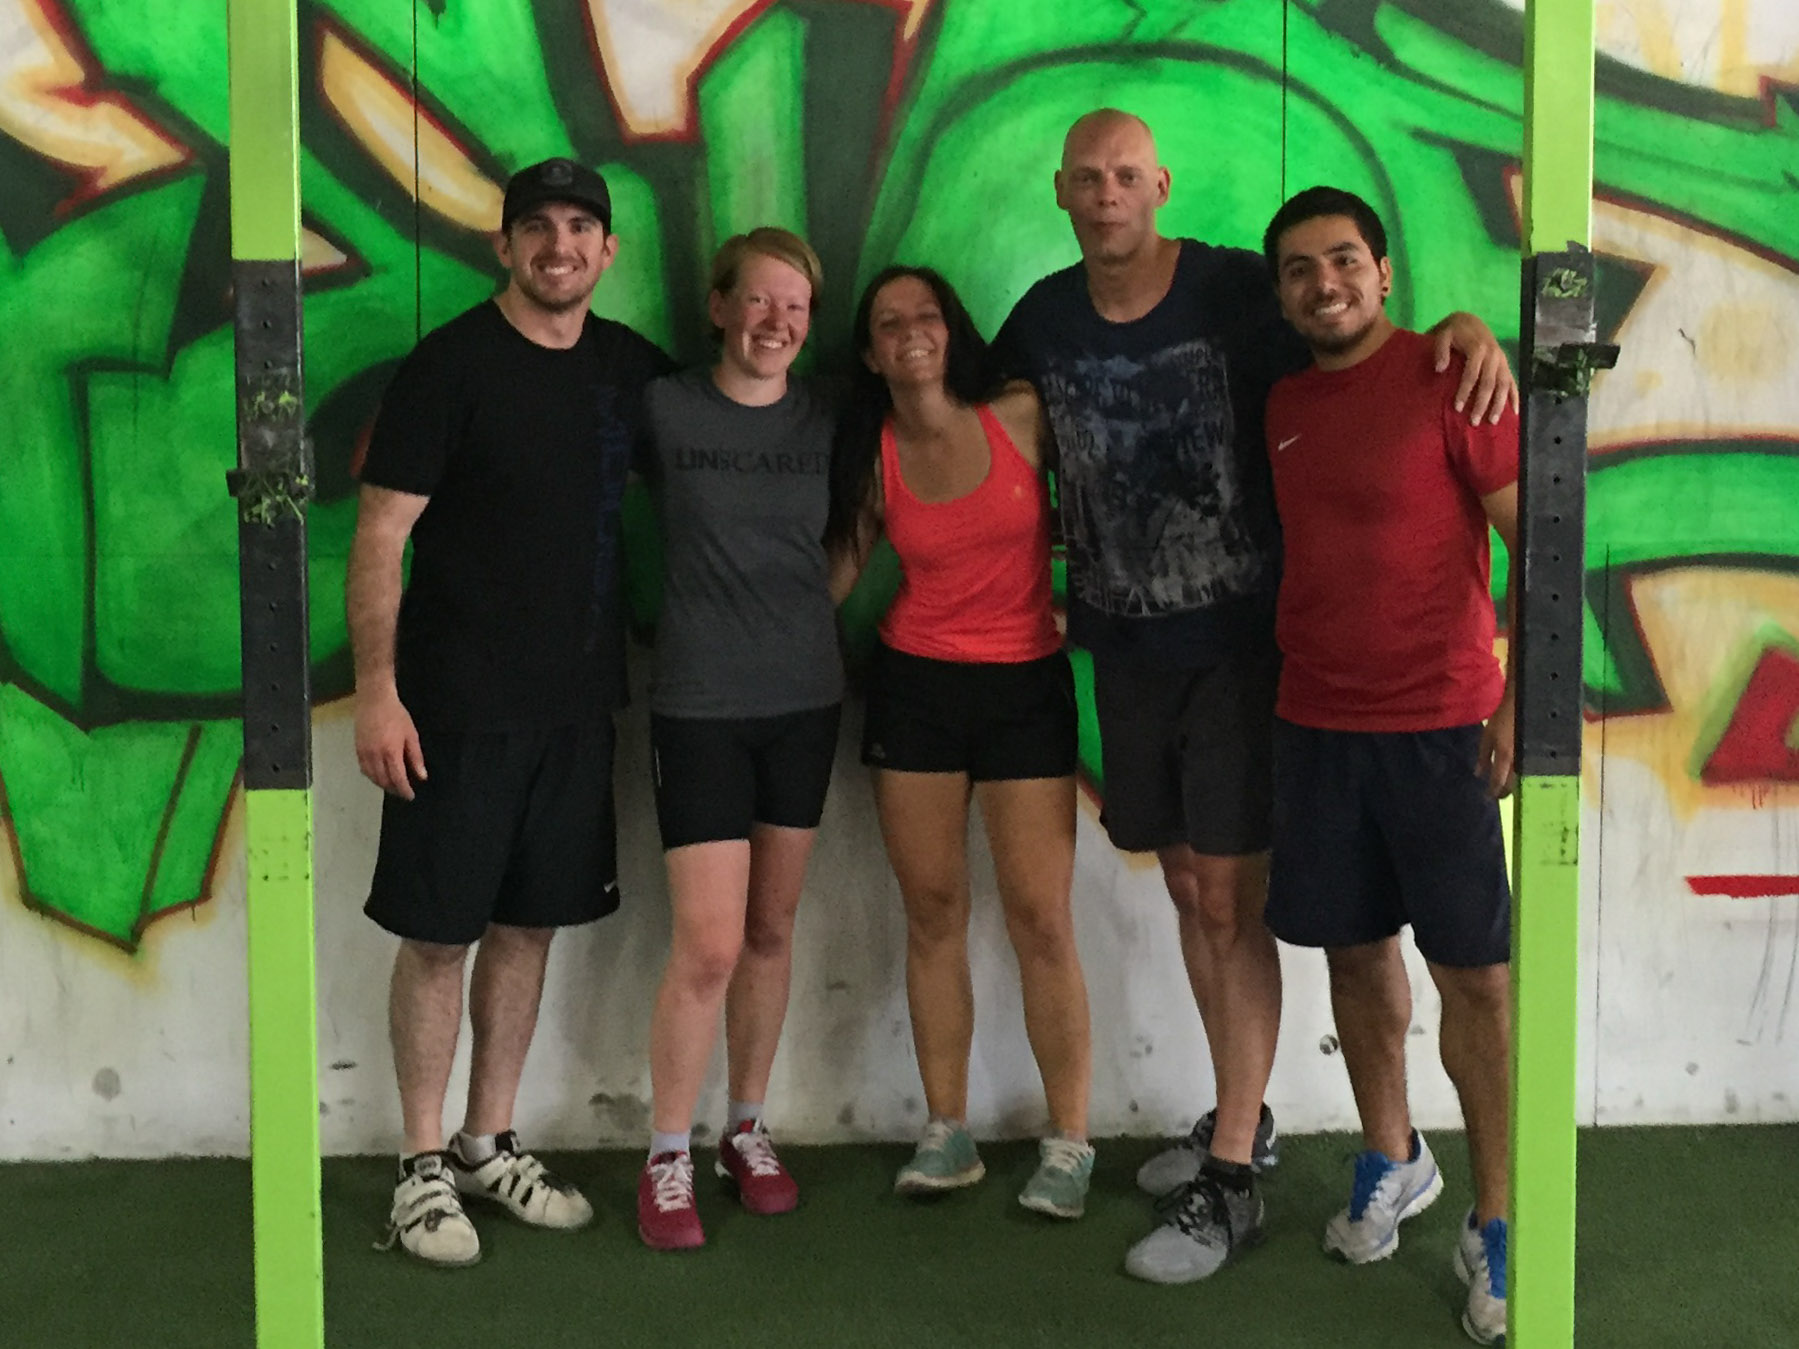 Yvonderweg - Fit blijven op vakantie - Te gast bij Crossfit Werewolf Santiago Chili